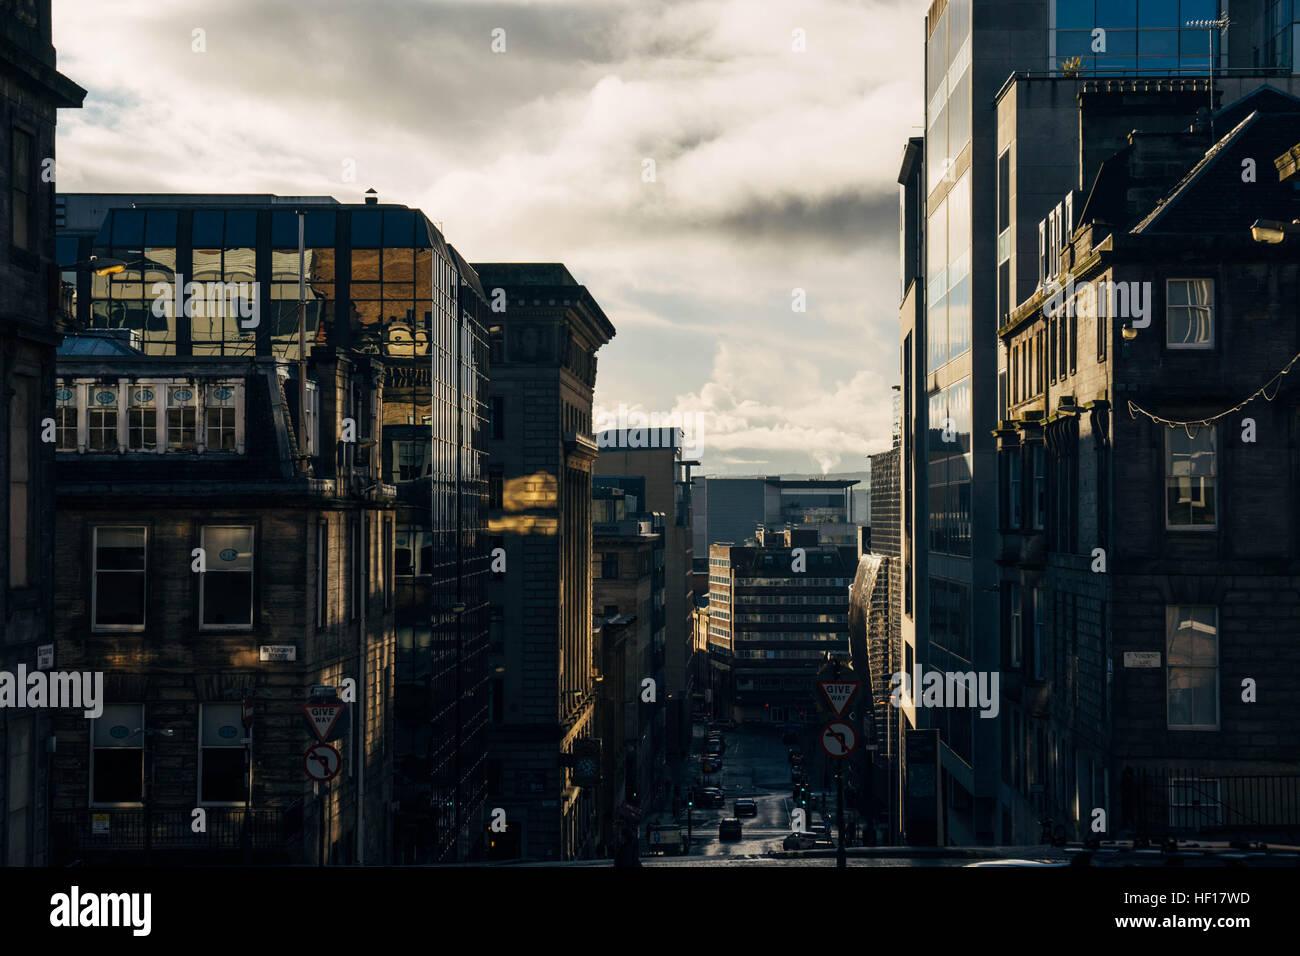 Downtown Glasgow, Scotland, United Kingdom - Stock Image